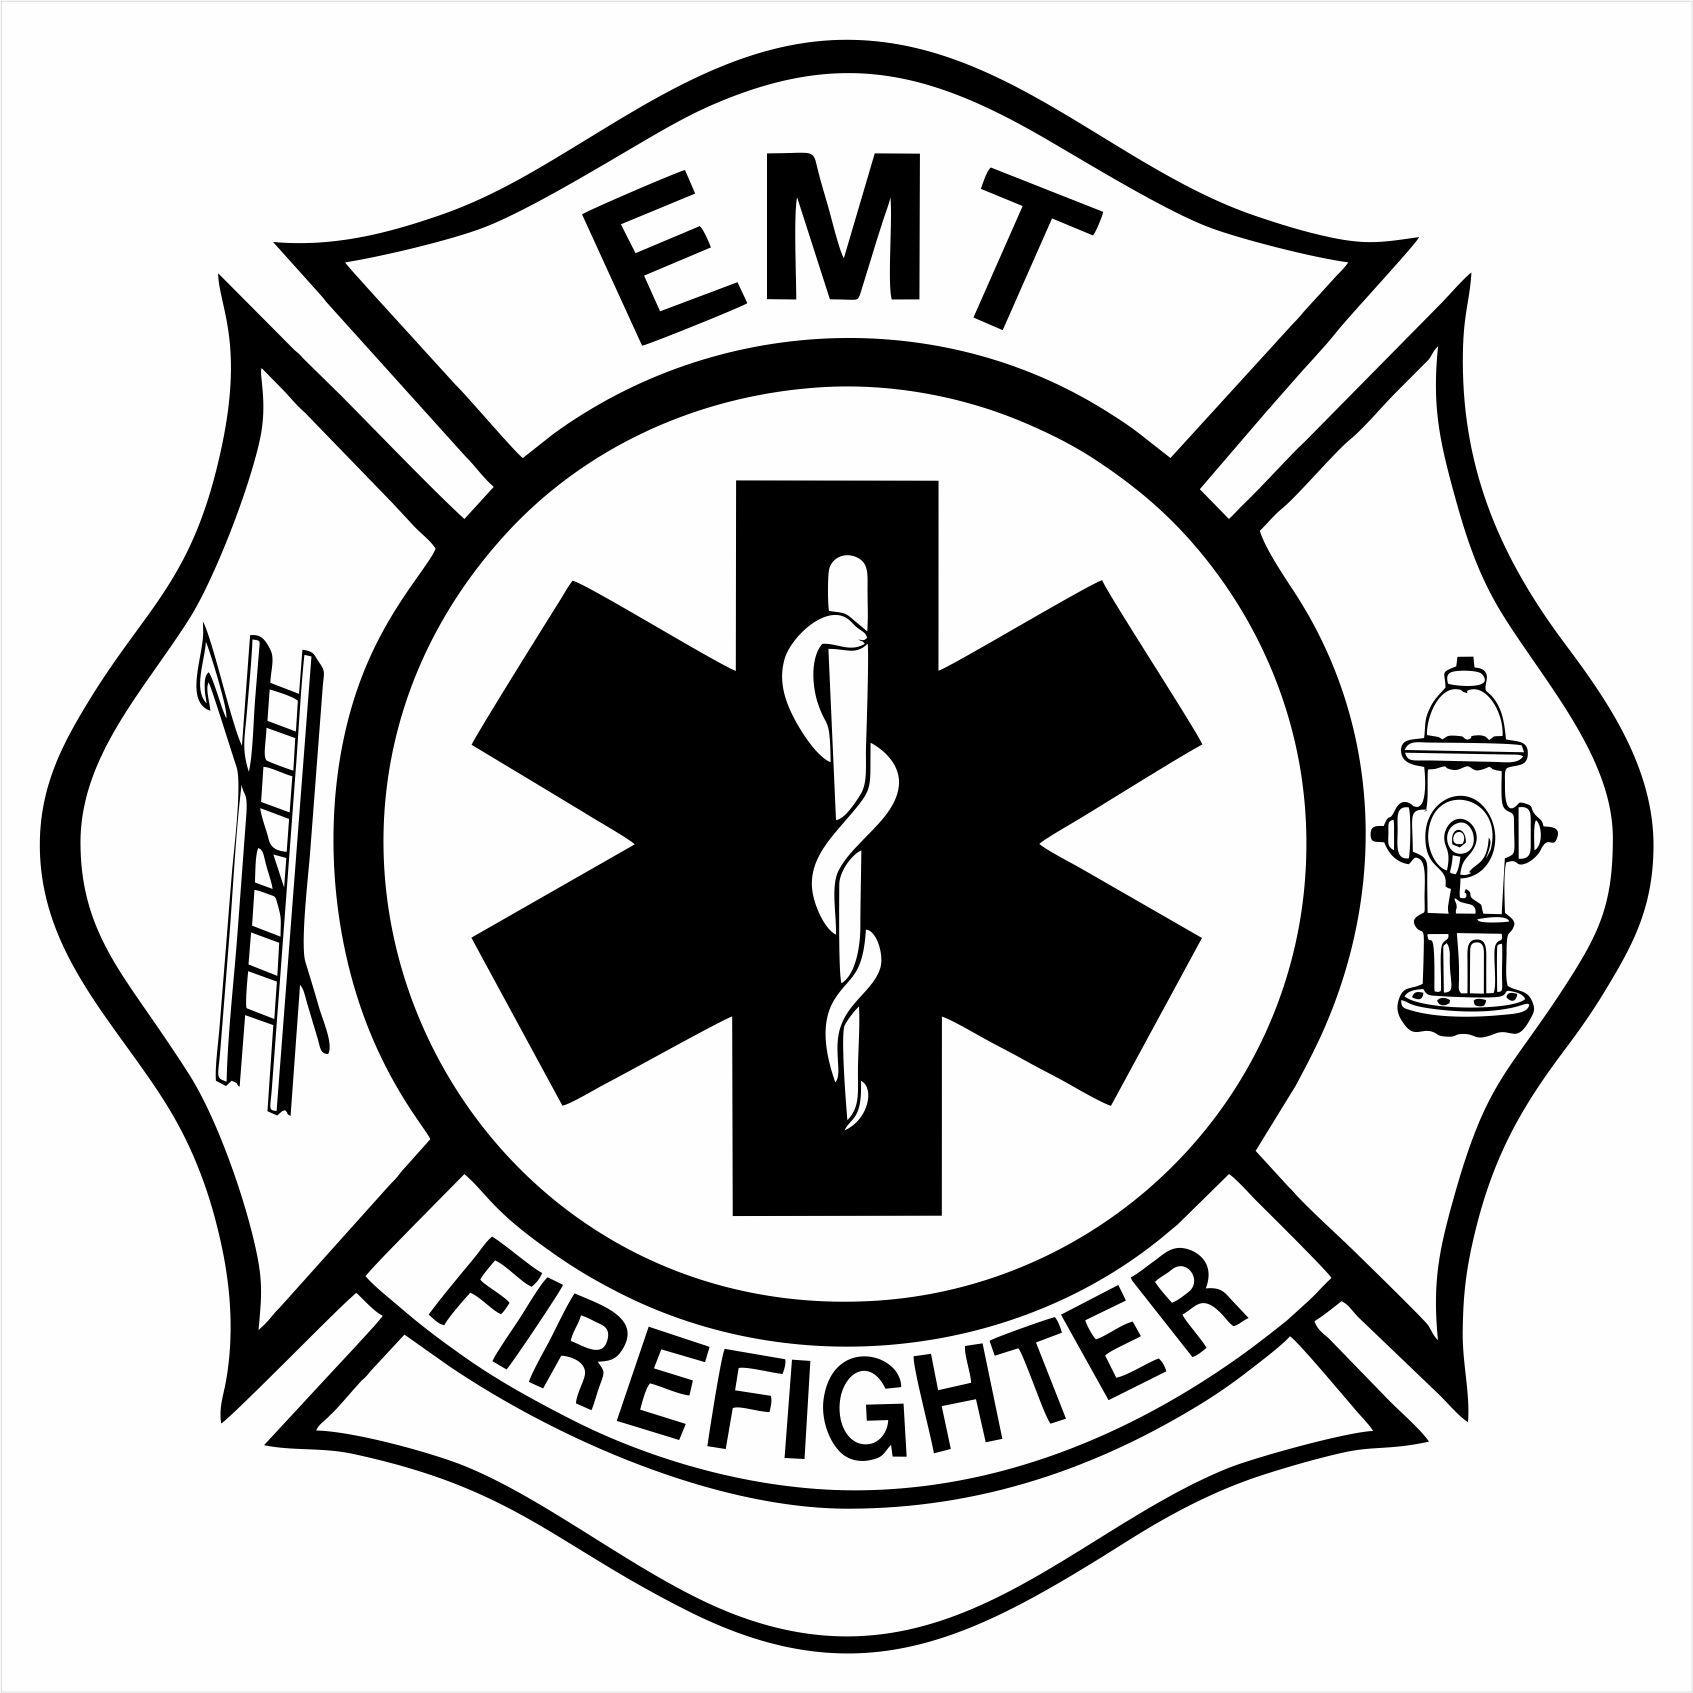 Emt Firefighter Maltese Cross Police Themed Design Can